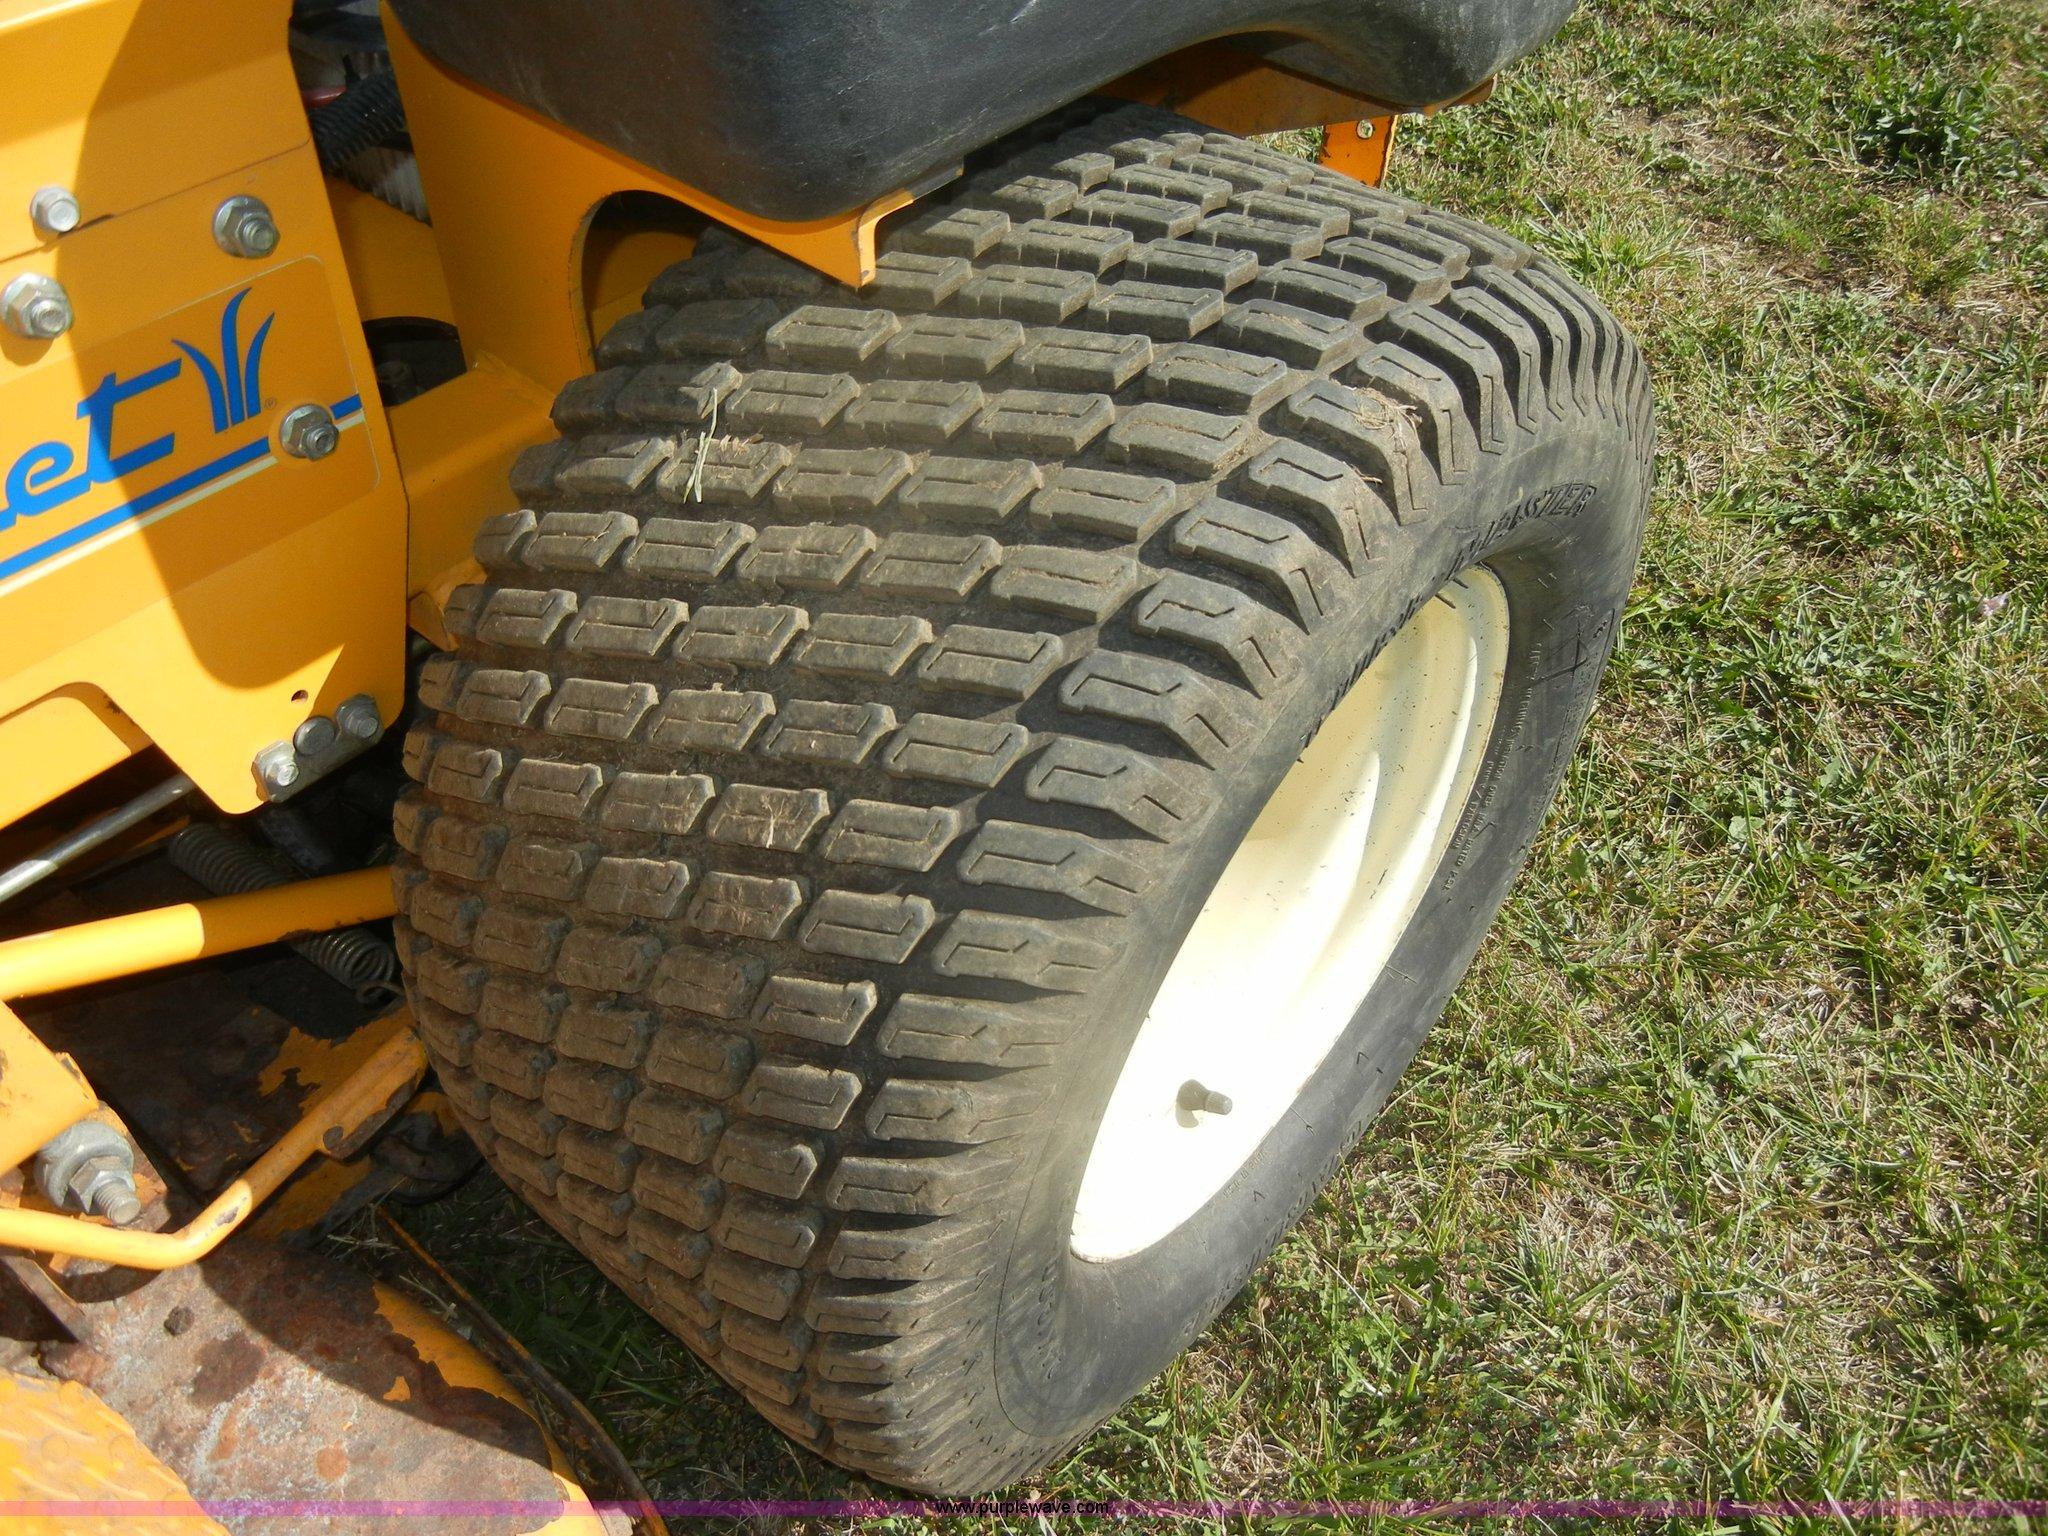 2001 Cub Cadet 3654 Ztr Commercial Lawn Mower Item D4386